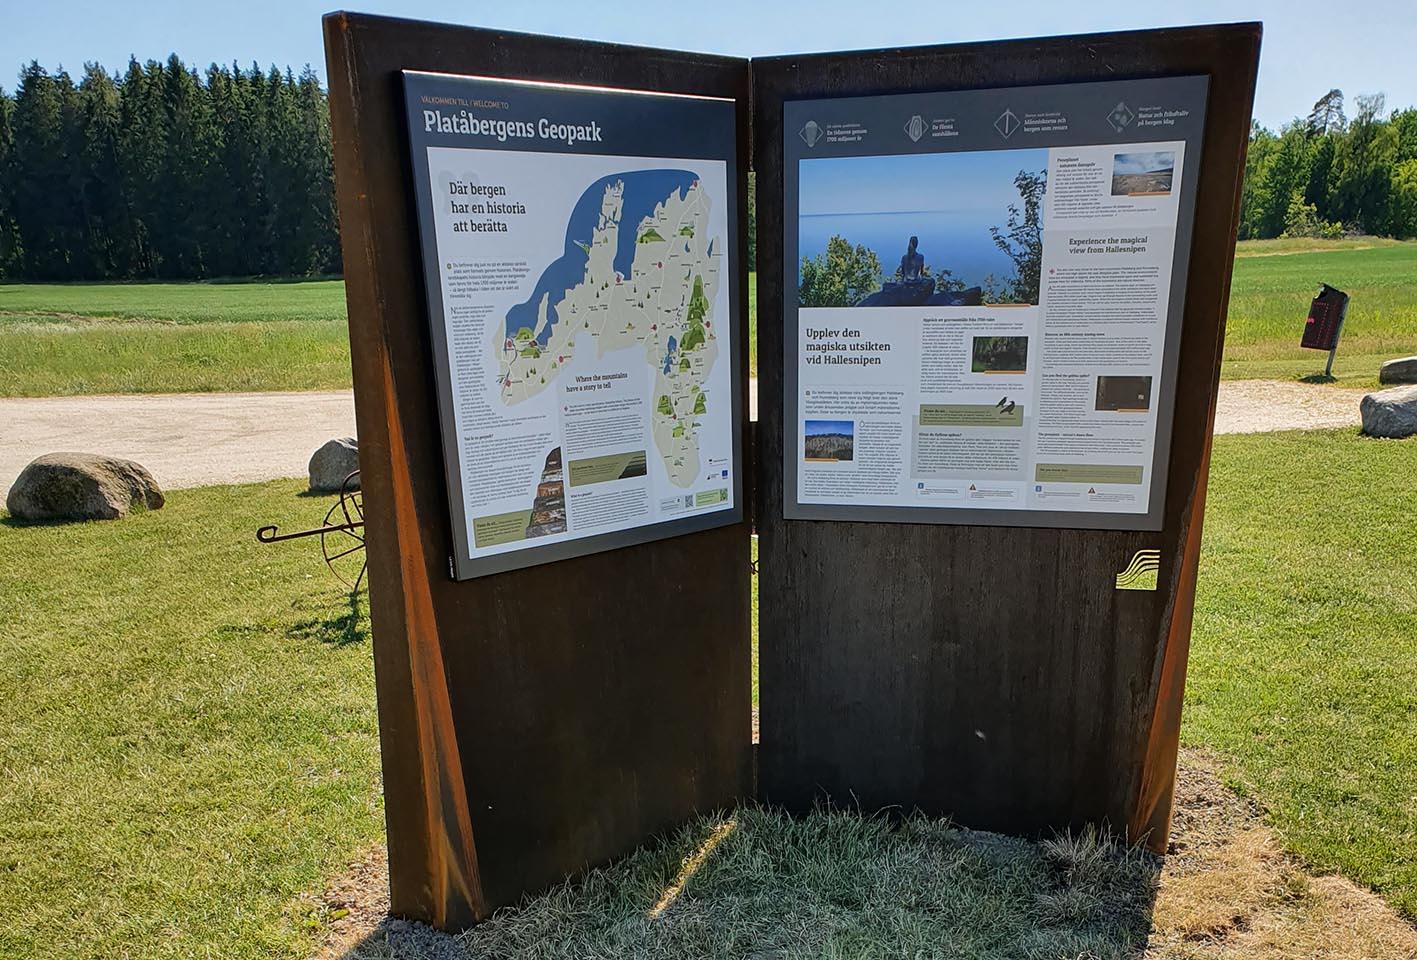 Nya geoparksskyltar i platåbergslandskapet